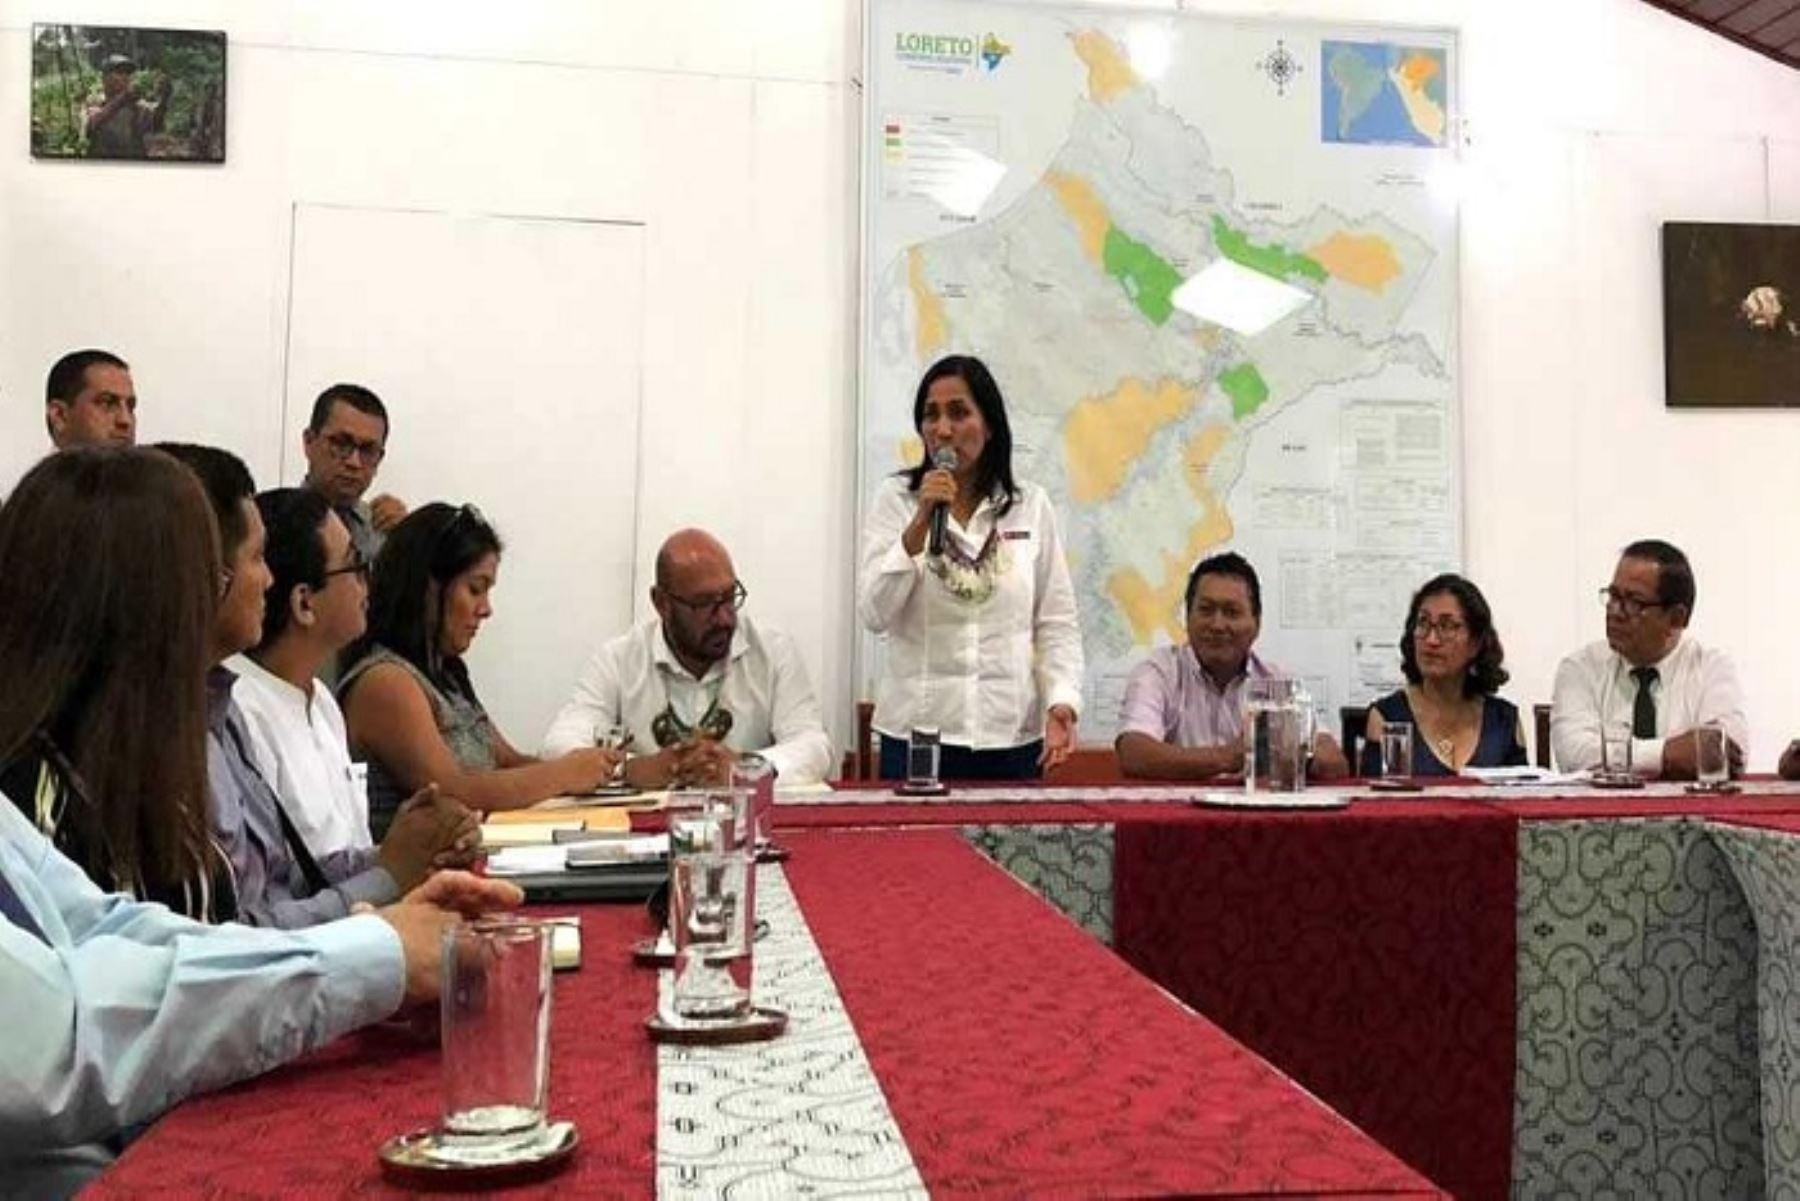 El Ministerio de Educación, el Gobierno Regional de Loreto y autoridades locales, acordaron emprender una cruzada de protección de la infancia para tener escuelas seguras y libres de violencia, donde los niños aprendan en una situación de bienestar.